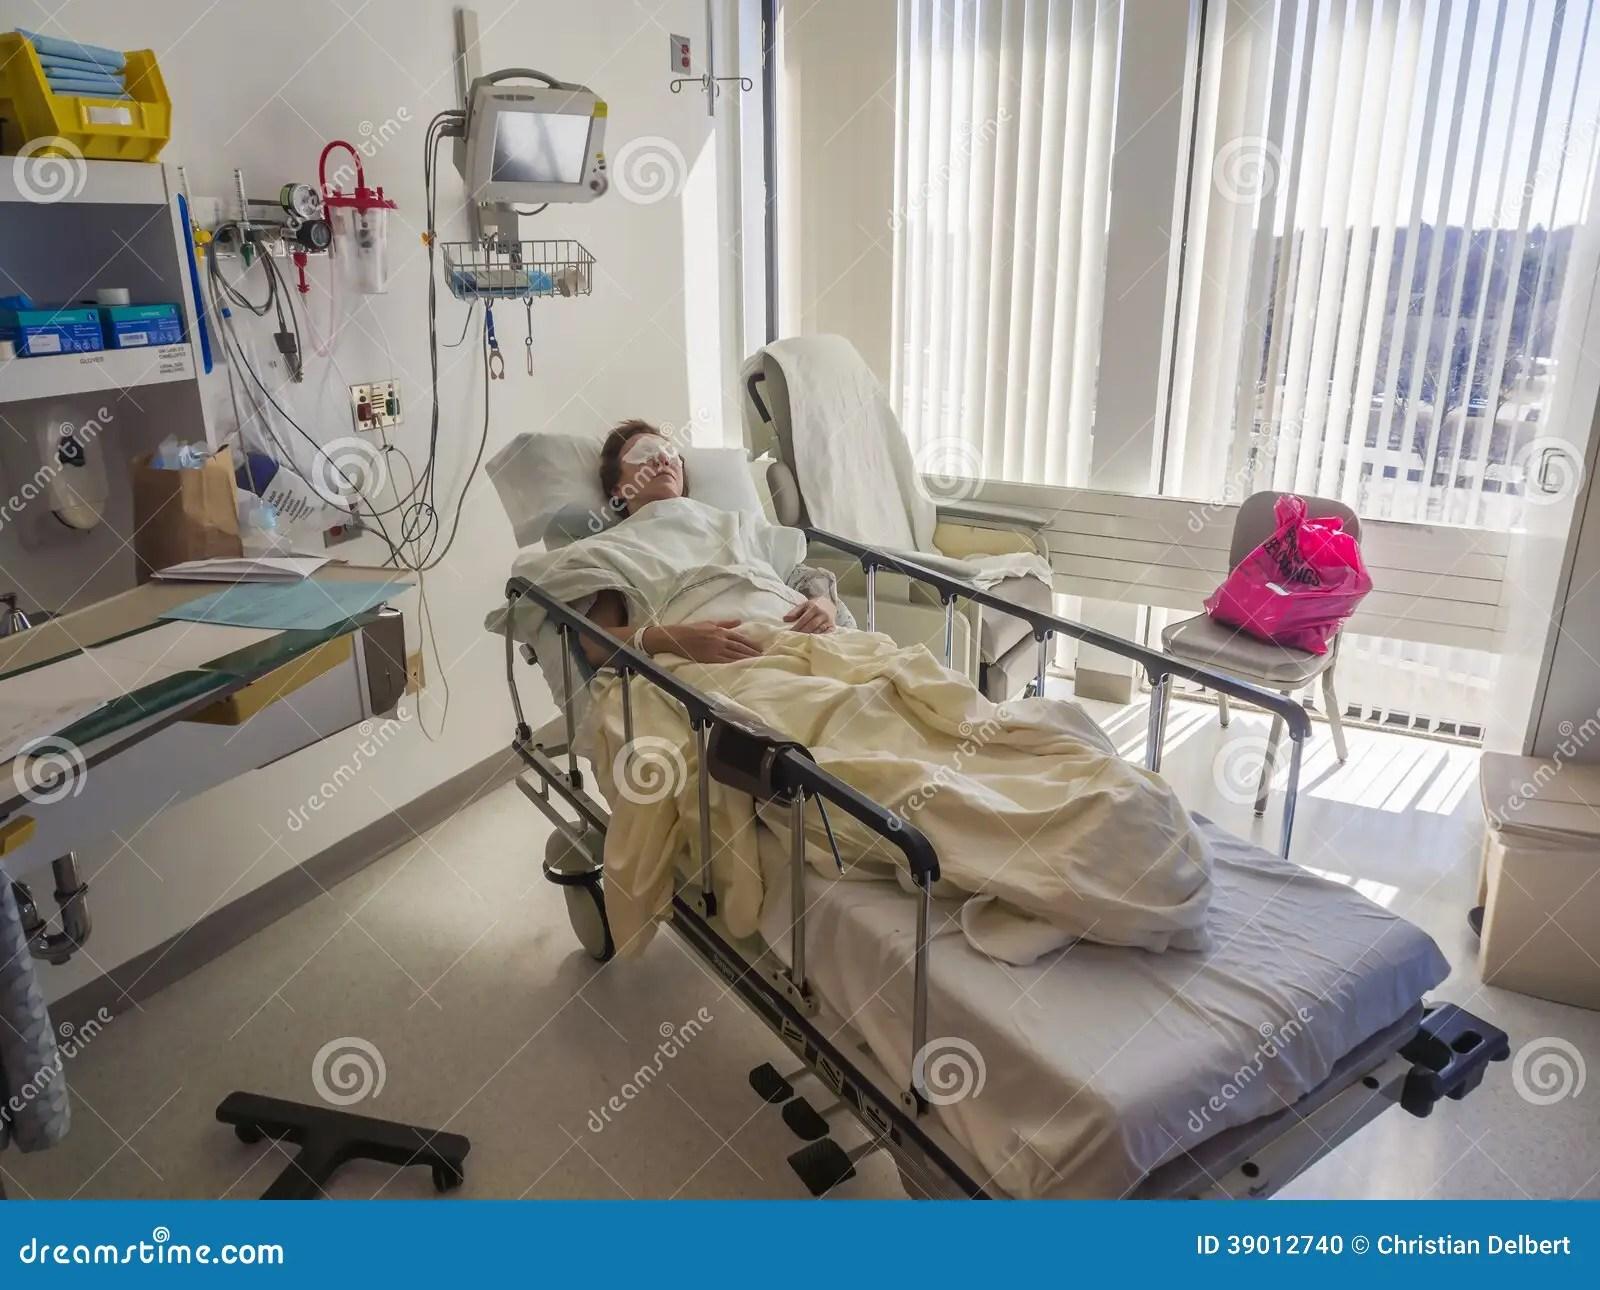 Chambre Dhpital Et Patient Photo stock  Image du hpital soin 39012740